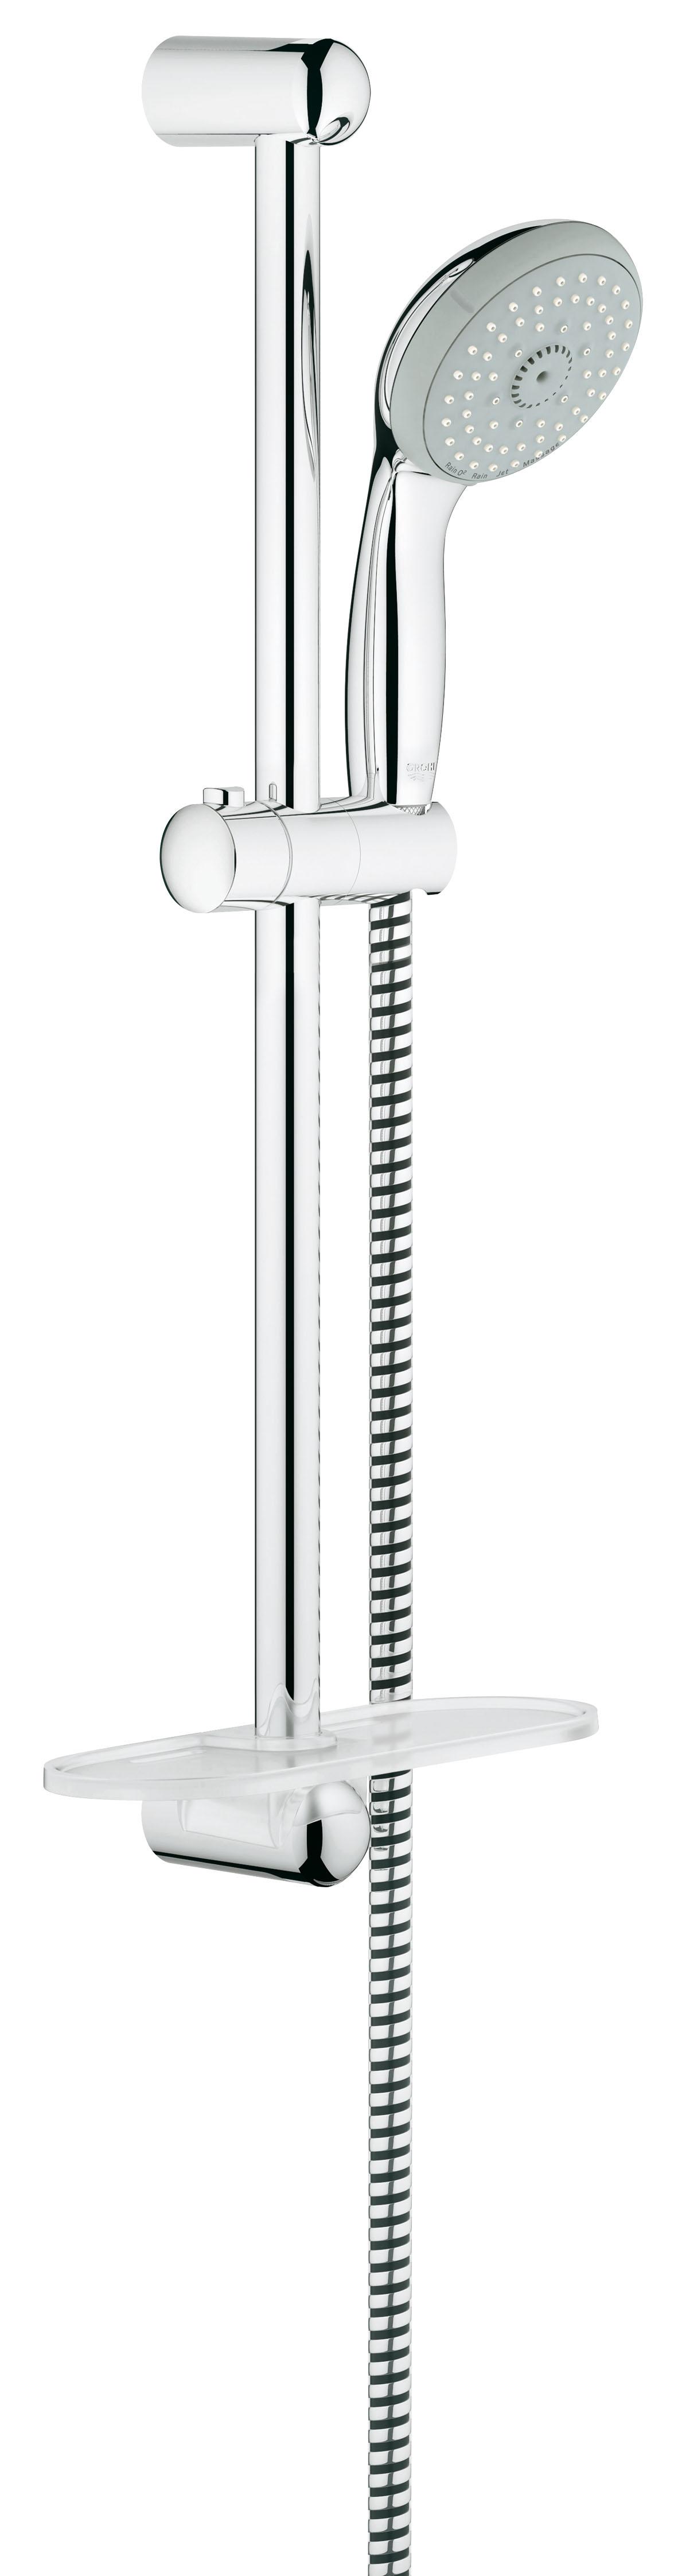 Душевой комплект с полочкой GROHE New Tempesta, штанга 600мм. (28593001)BL505Включает в себя: Ручной душ (28 578 001) Душевая штанга, 600 мм (27 523 000) Душевой шланг Relexaflex 1750 мм 1/2? x 1/2? (28 154 000) Полочка GROHE EasyReach™(27 596 000) GROHE DreamSpray превосходный поток воды GROHE StarLight хромированная поверхностьС системой SpeedClean против известковых отложений Внутренний охлаждающий канал для продолжительного срока службы ShockProof силиконовое кольцо, предотвращающееПовреждение поверхности при падении ручного душа Может использоваться с проточным водонагревателемВидео по установке является исключительно информационным. Установка должна проводиться профессионалами!